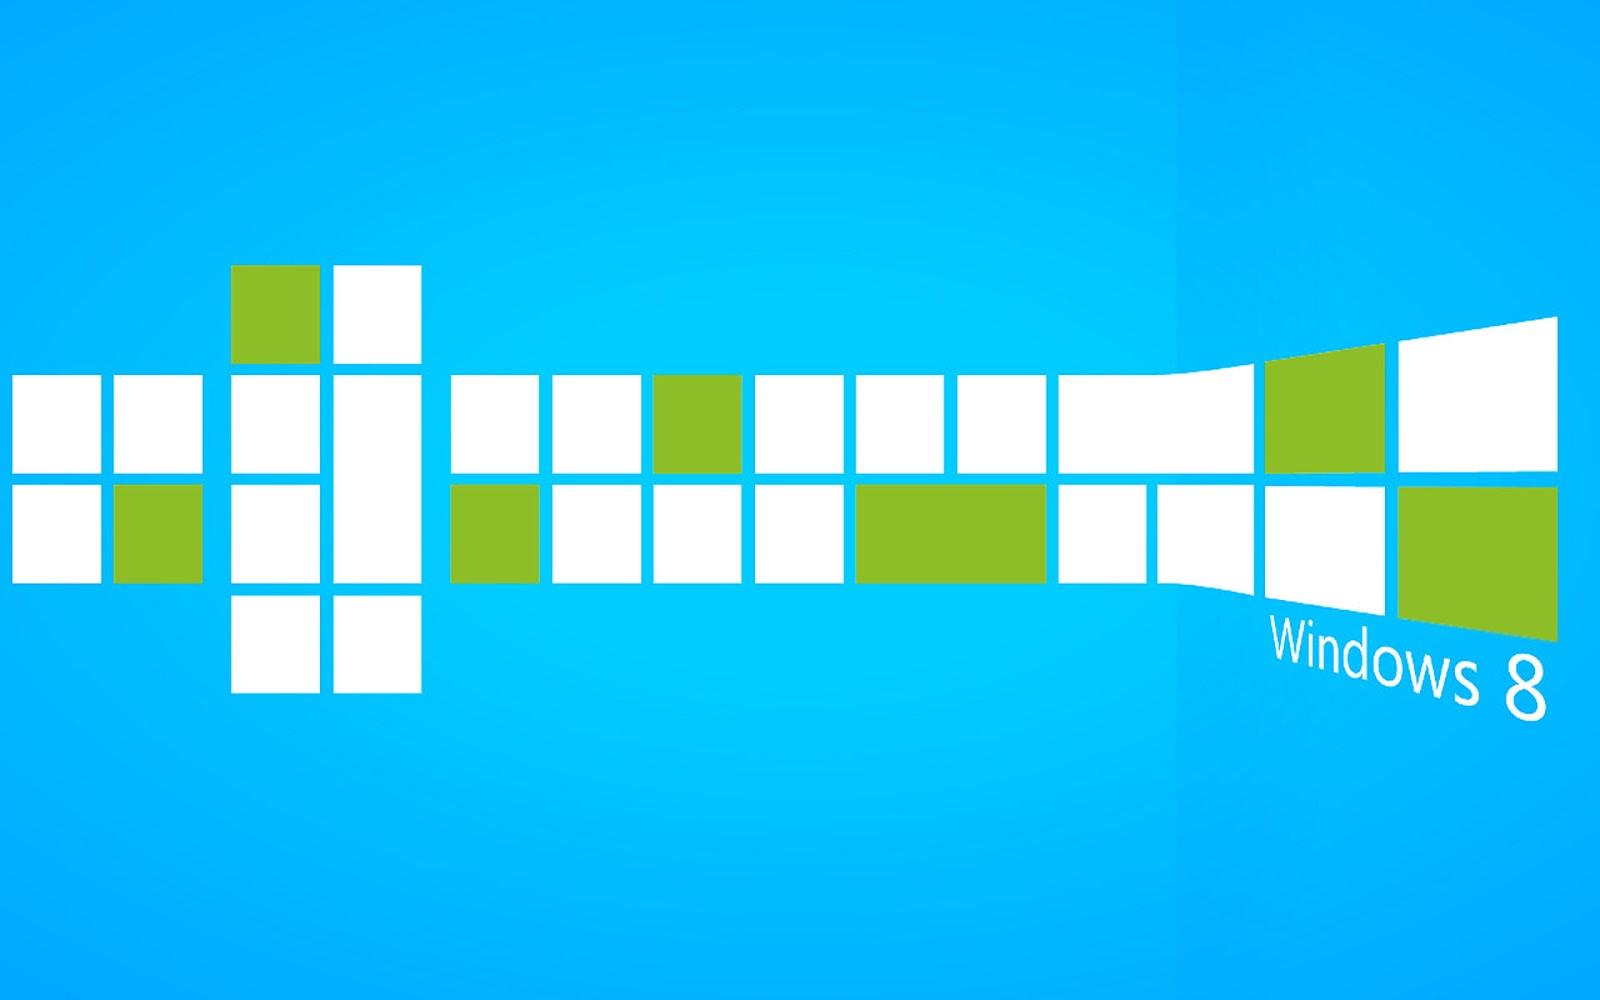 Windows 8 metro wallpaper wallpapersafari - Metro tegels ...